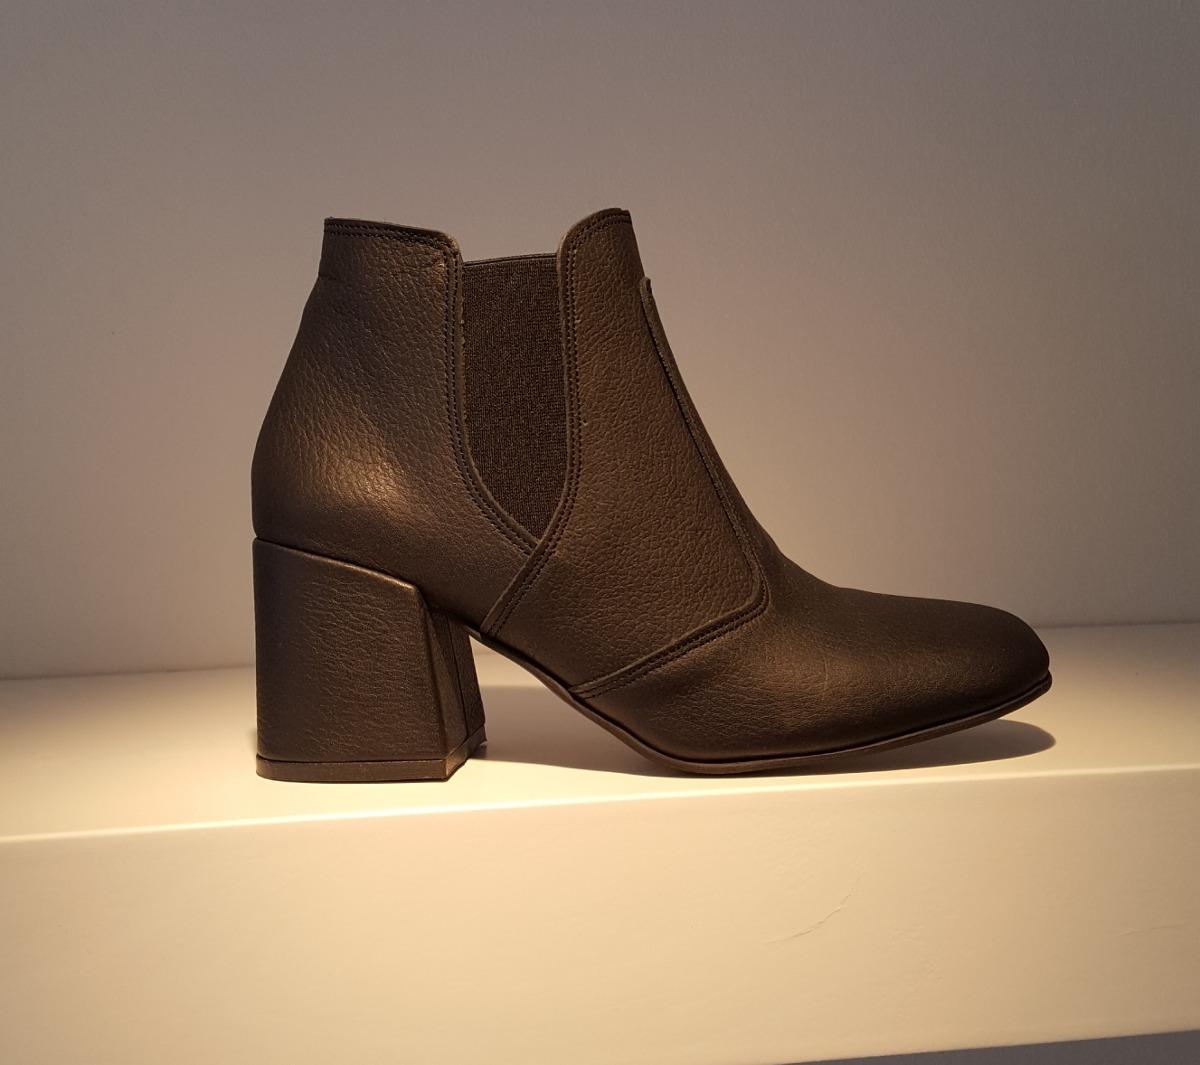 95c6c8205 Bota Botita Punta Cuadrada Cuero Elasticos Diafana Zapatos -   2.260 ...